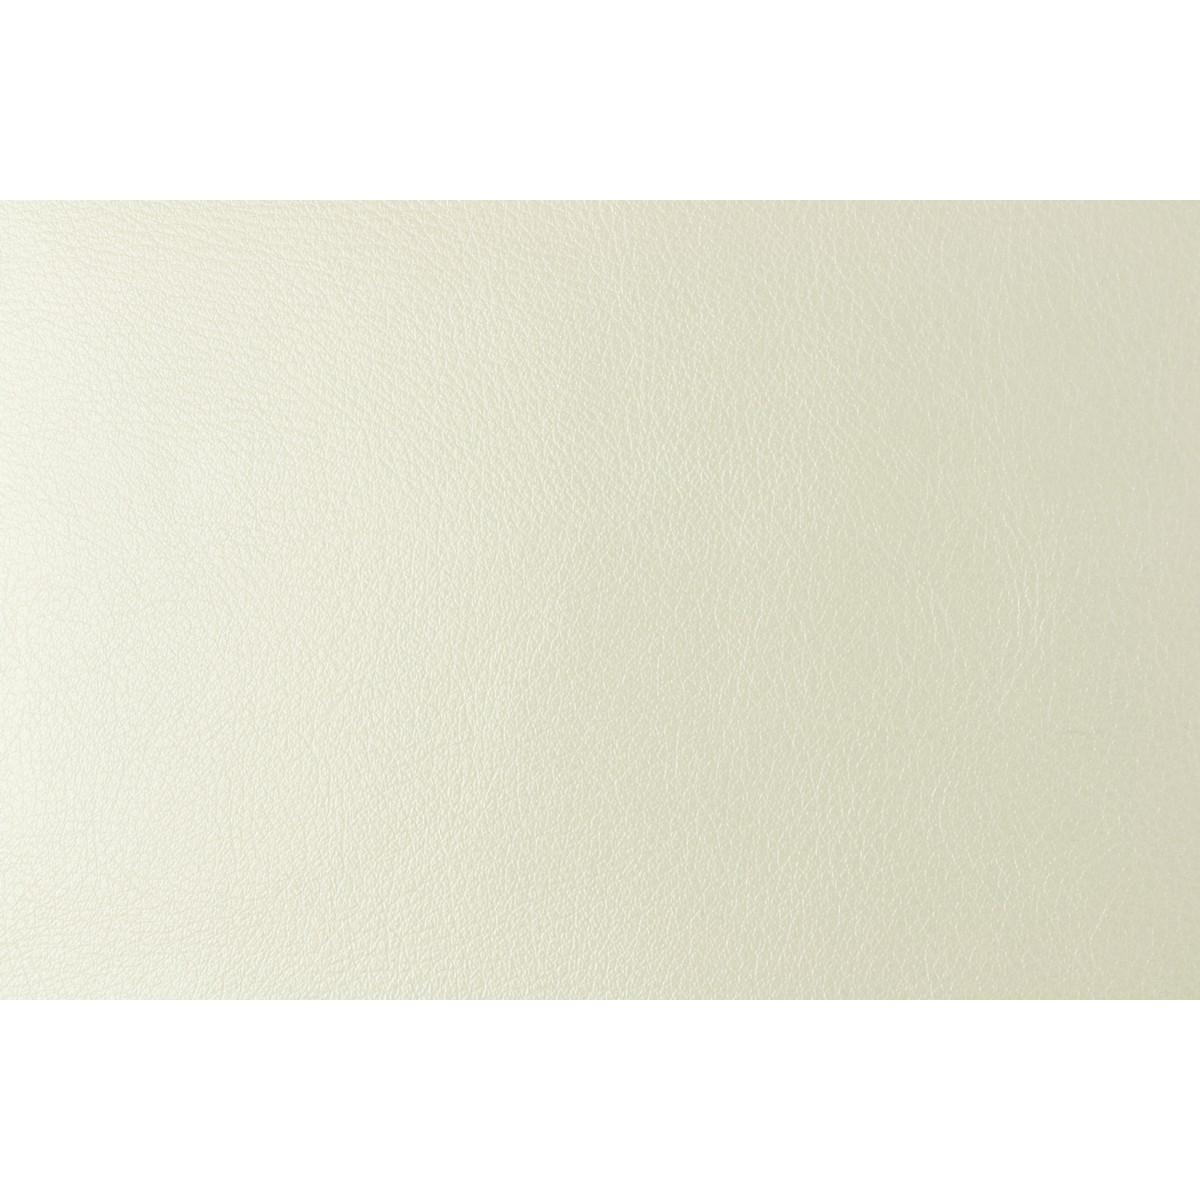 バッグ用レザーsolid 原反 巾100cm パール/NBL2350R-1【01】【取寄】[10m]《 手芸用品 生地・芯地 合皮 》